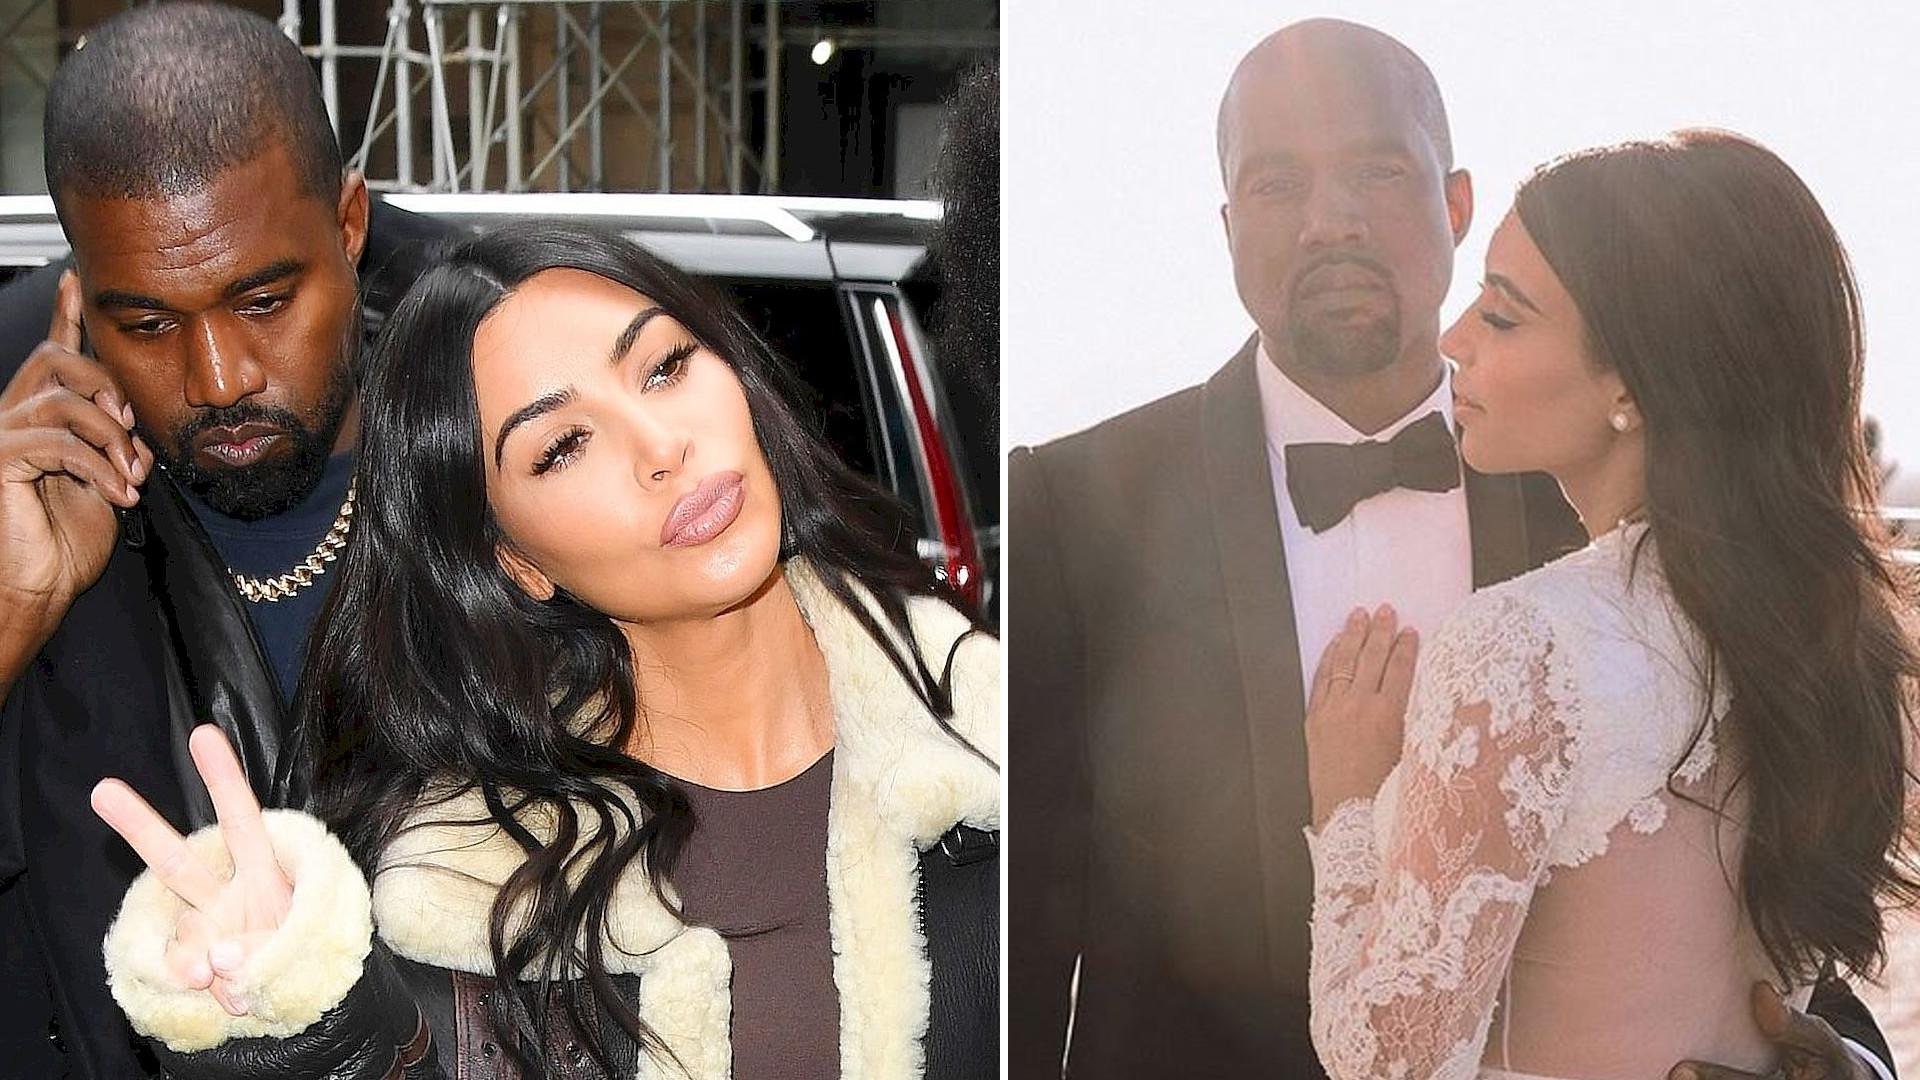 Kim Kardashian i Kanye West świętują 6. rocznicę ślubu – jak się poznali i co zrobił raper po pierwszym seksie z celebrytką?